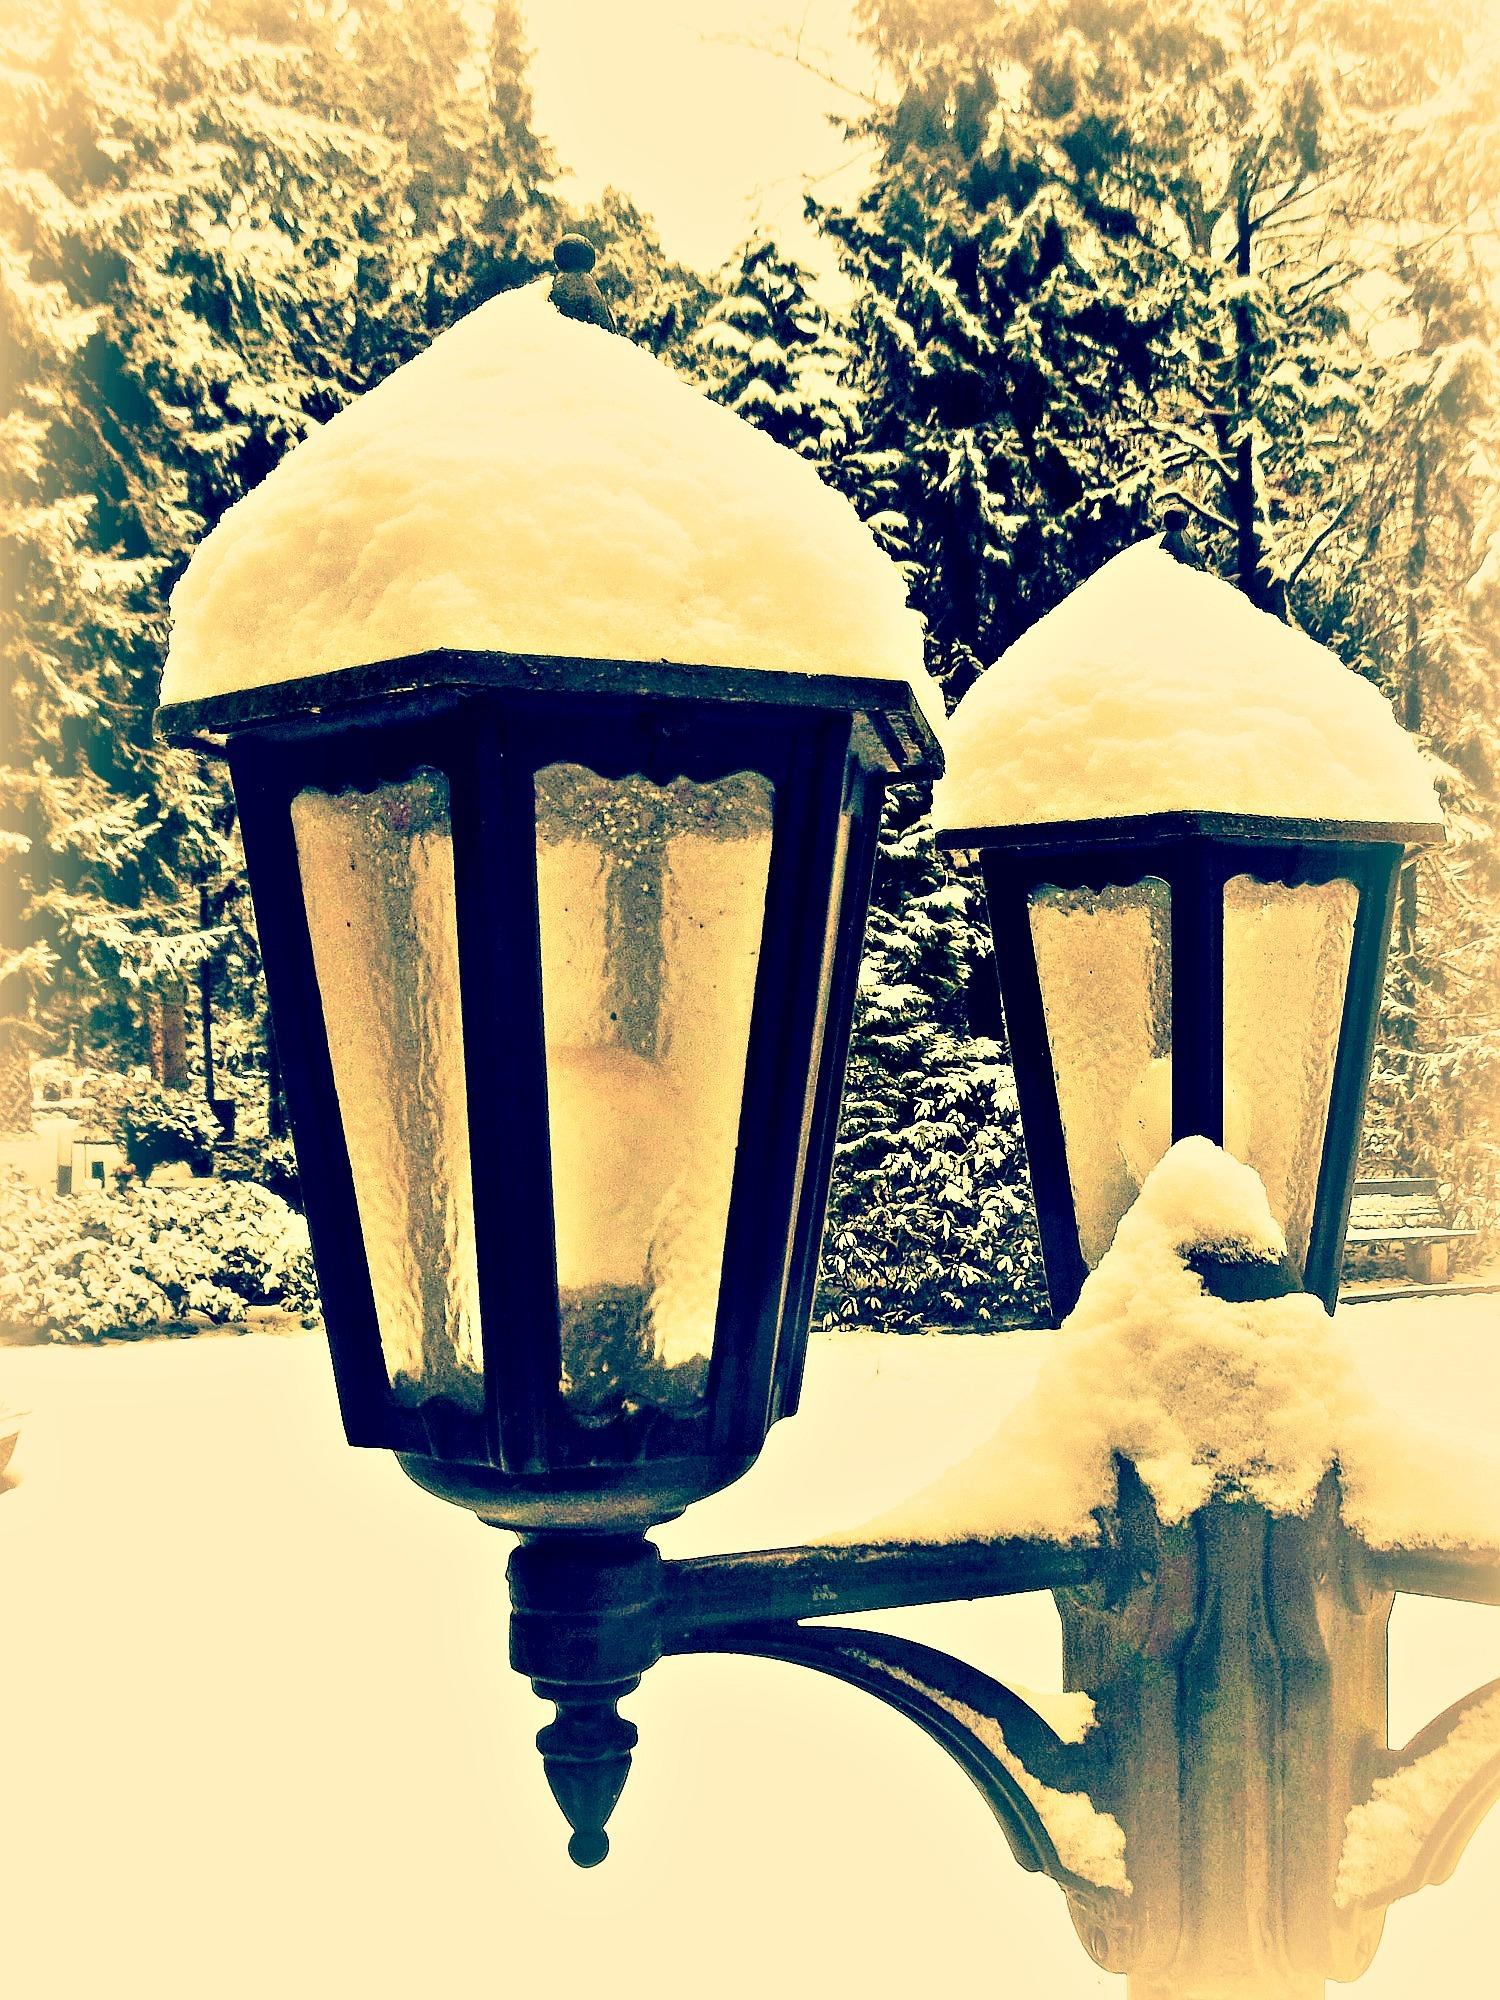 высшее артиллерийское фонарь снег картинки ранних